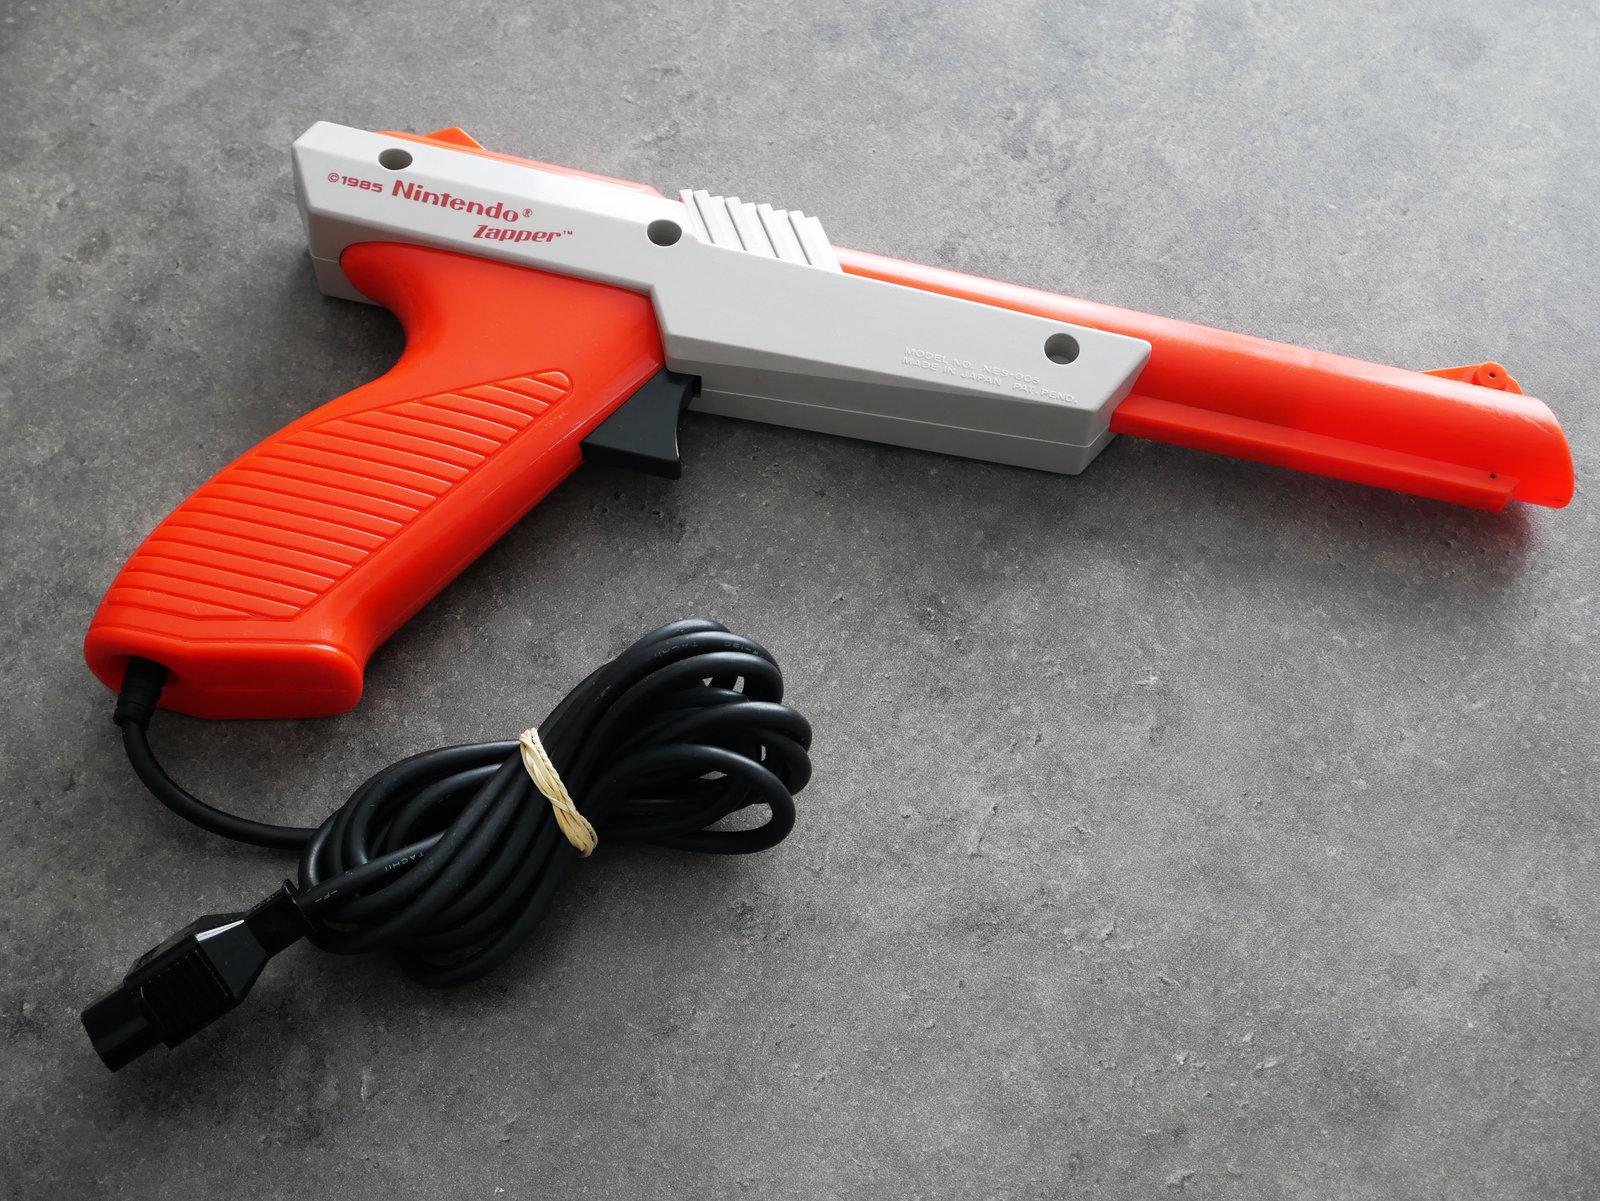 [VDS] Nintendo NES : divers accessoires 200520083516756046